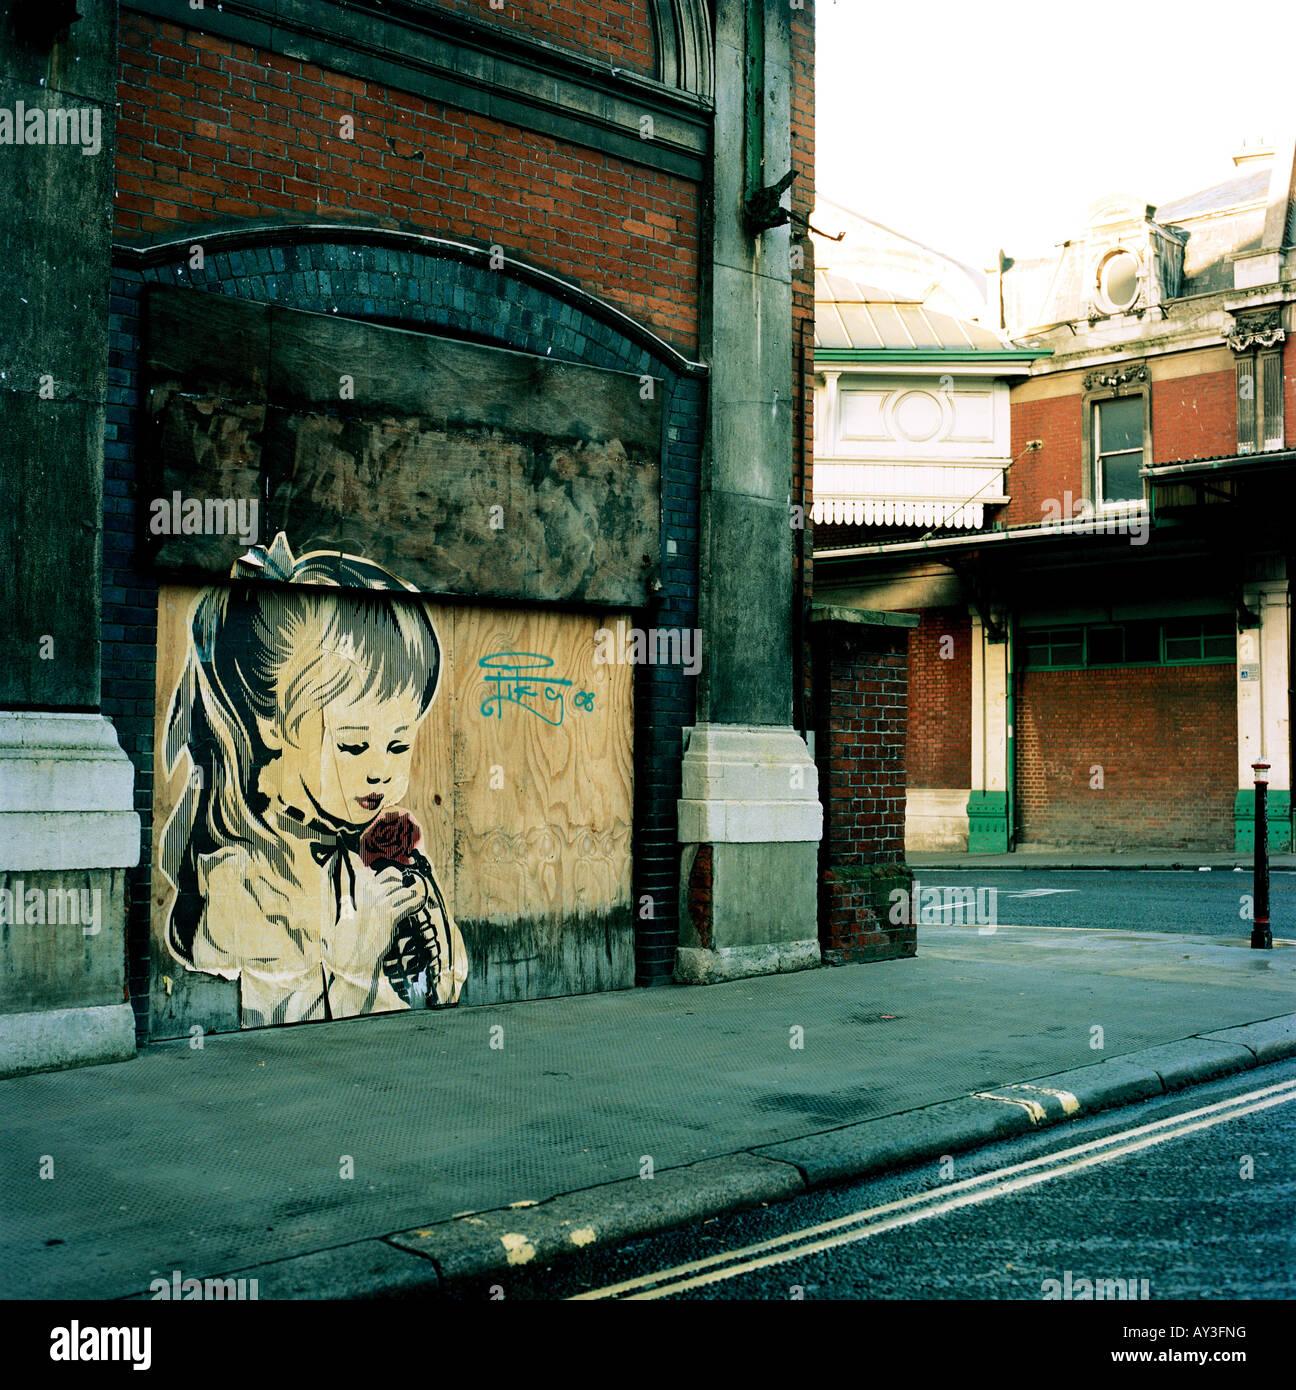 Street art in London's Smithfield by the American artist Shepard Fairey - Stock Image